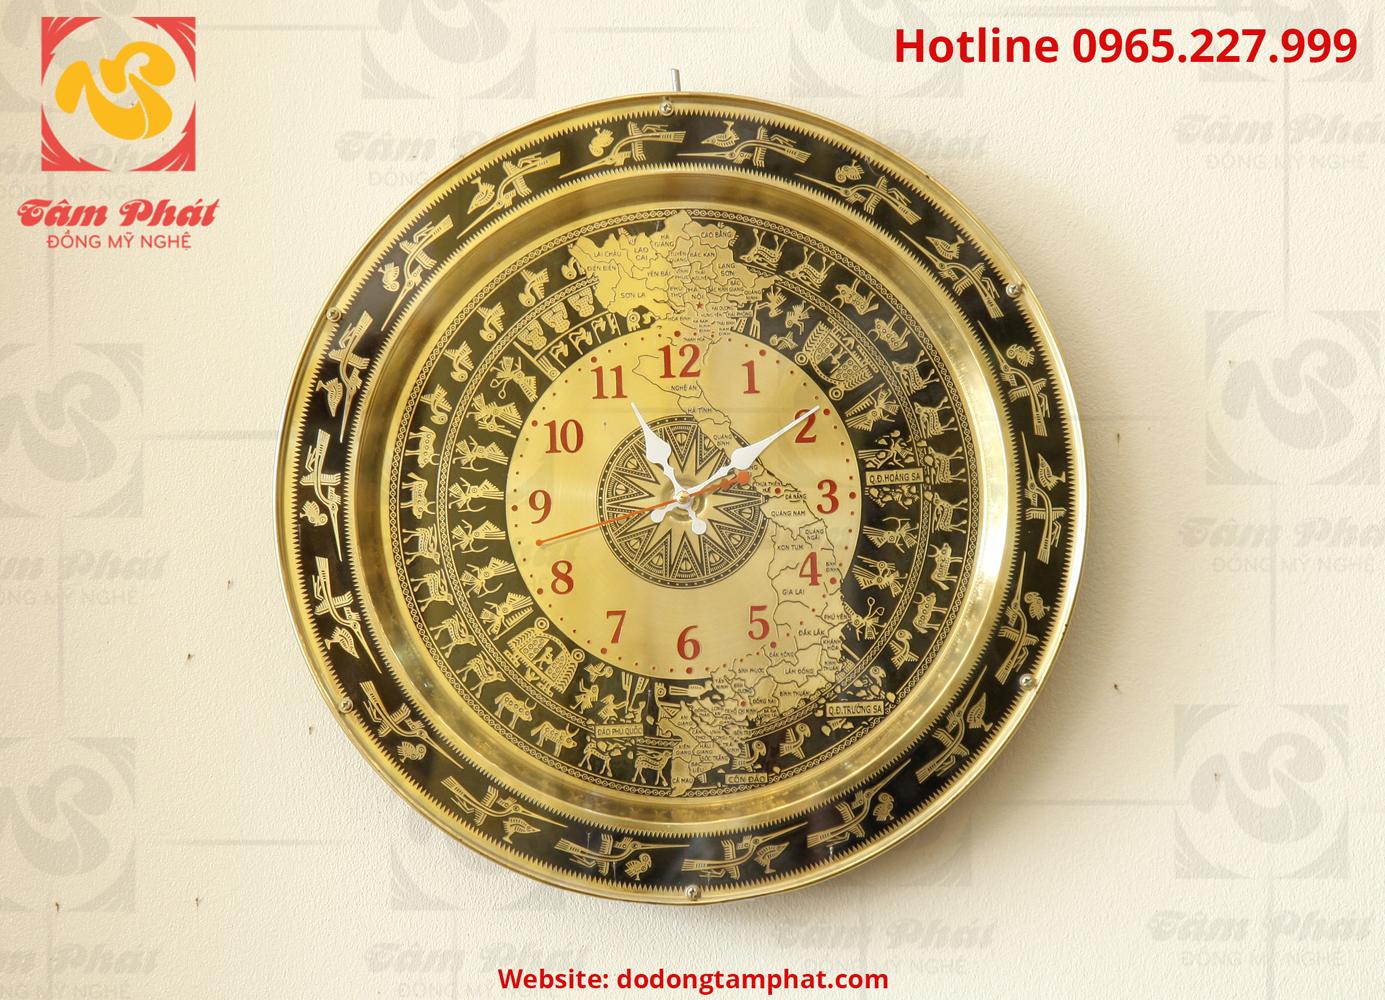 Địa chỉ bán đồ lưu niệm bằng đồng tại Hà Nội uy tín, chất lượng